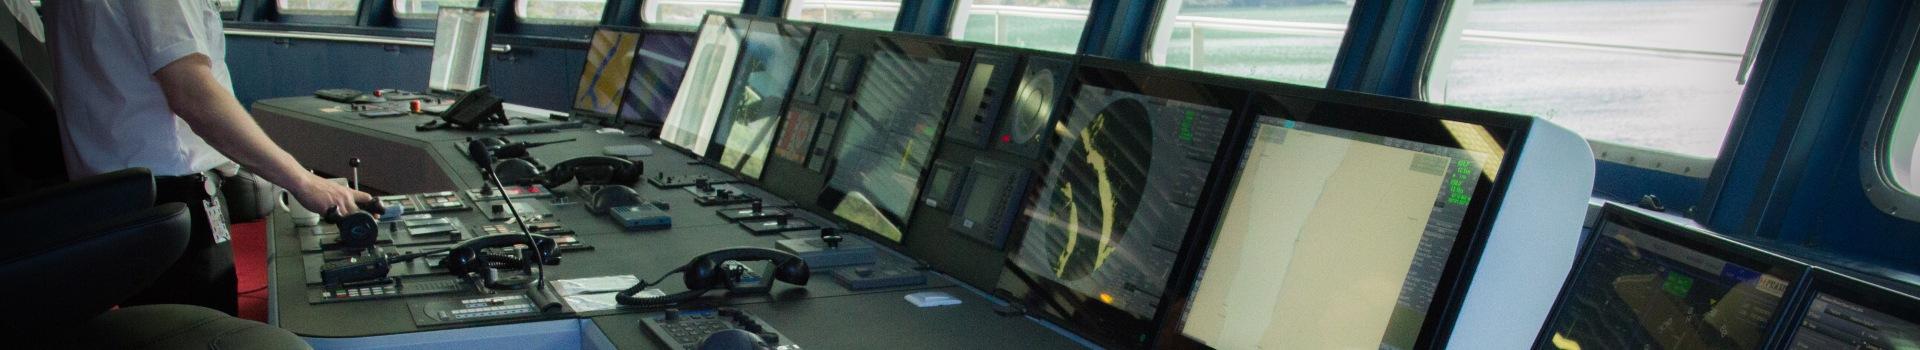 Navigasjonsutstyr eller elektronikk? Vi leverer nå utstyr og service